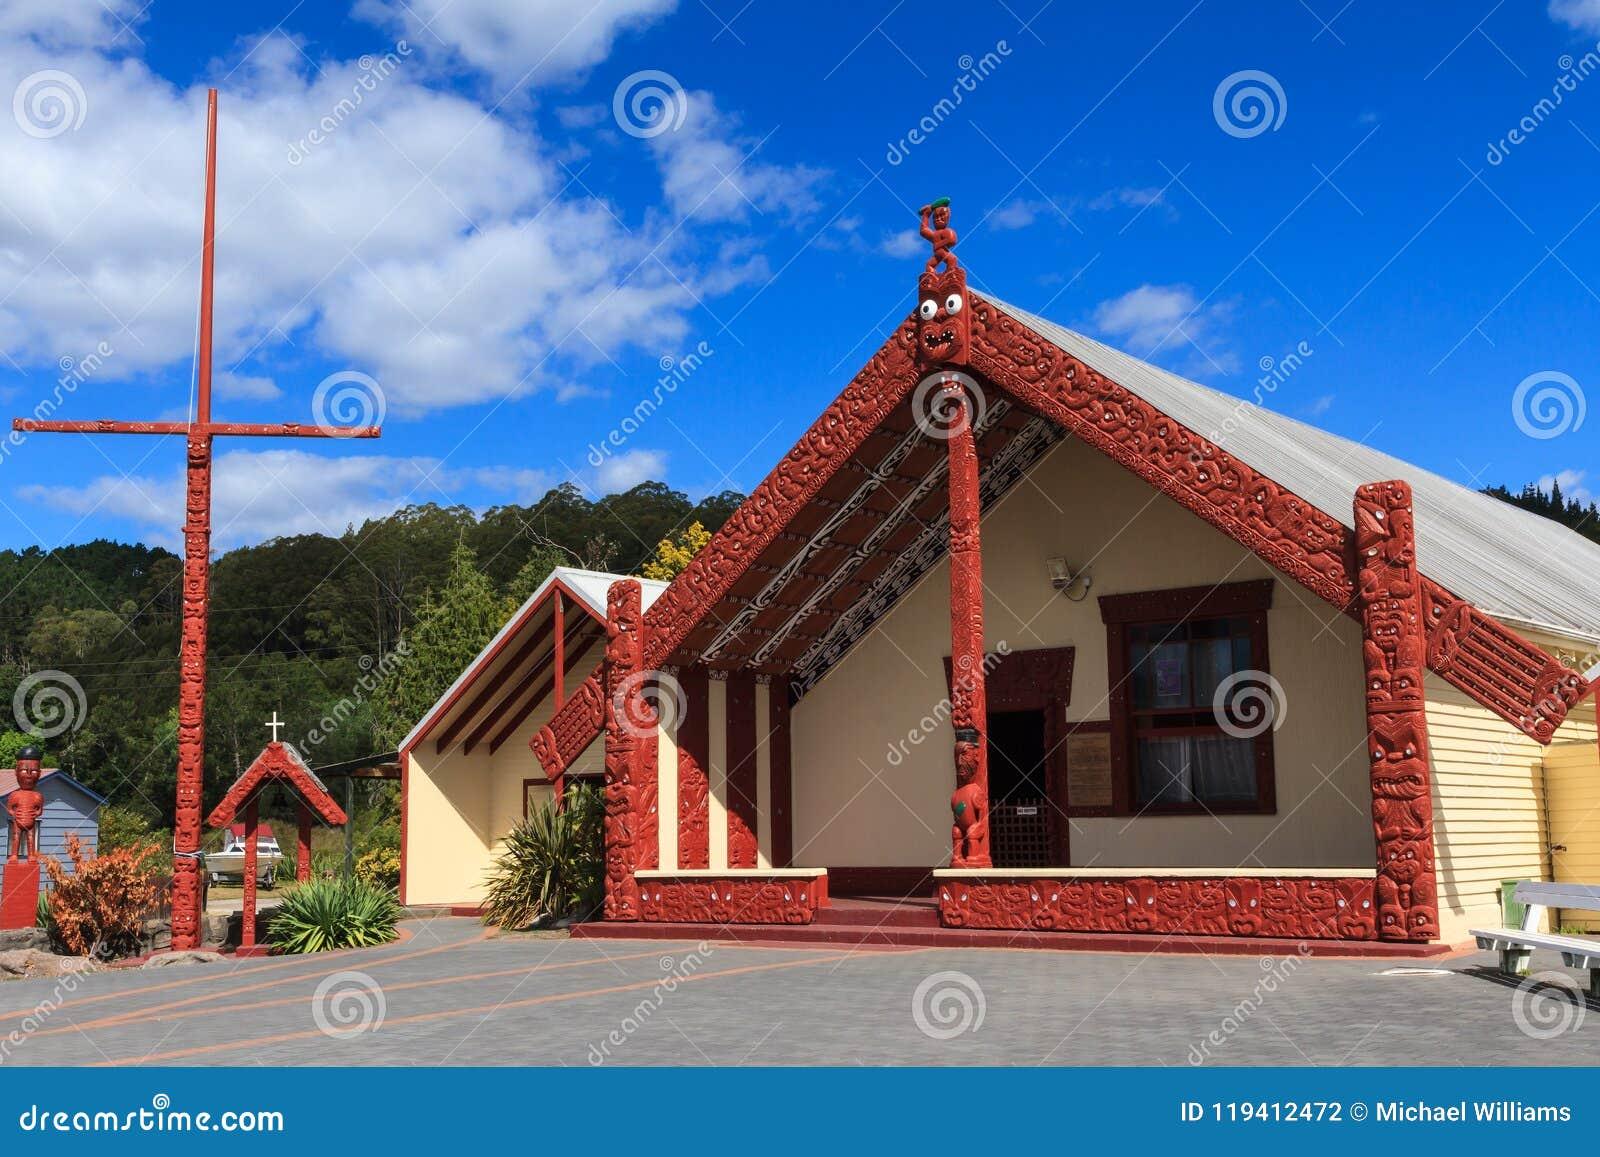 Maoryjska architektura, Whakarewarewa, Nowa Zelandia